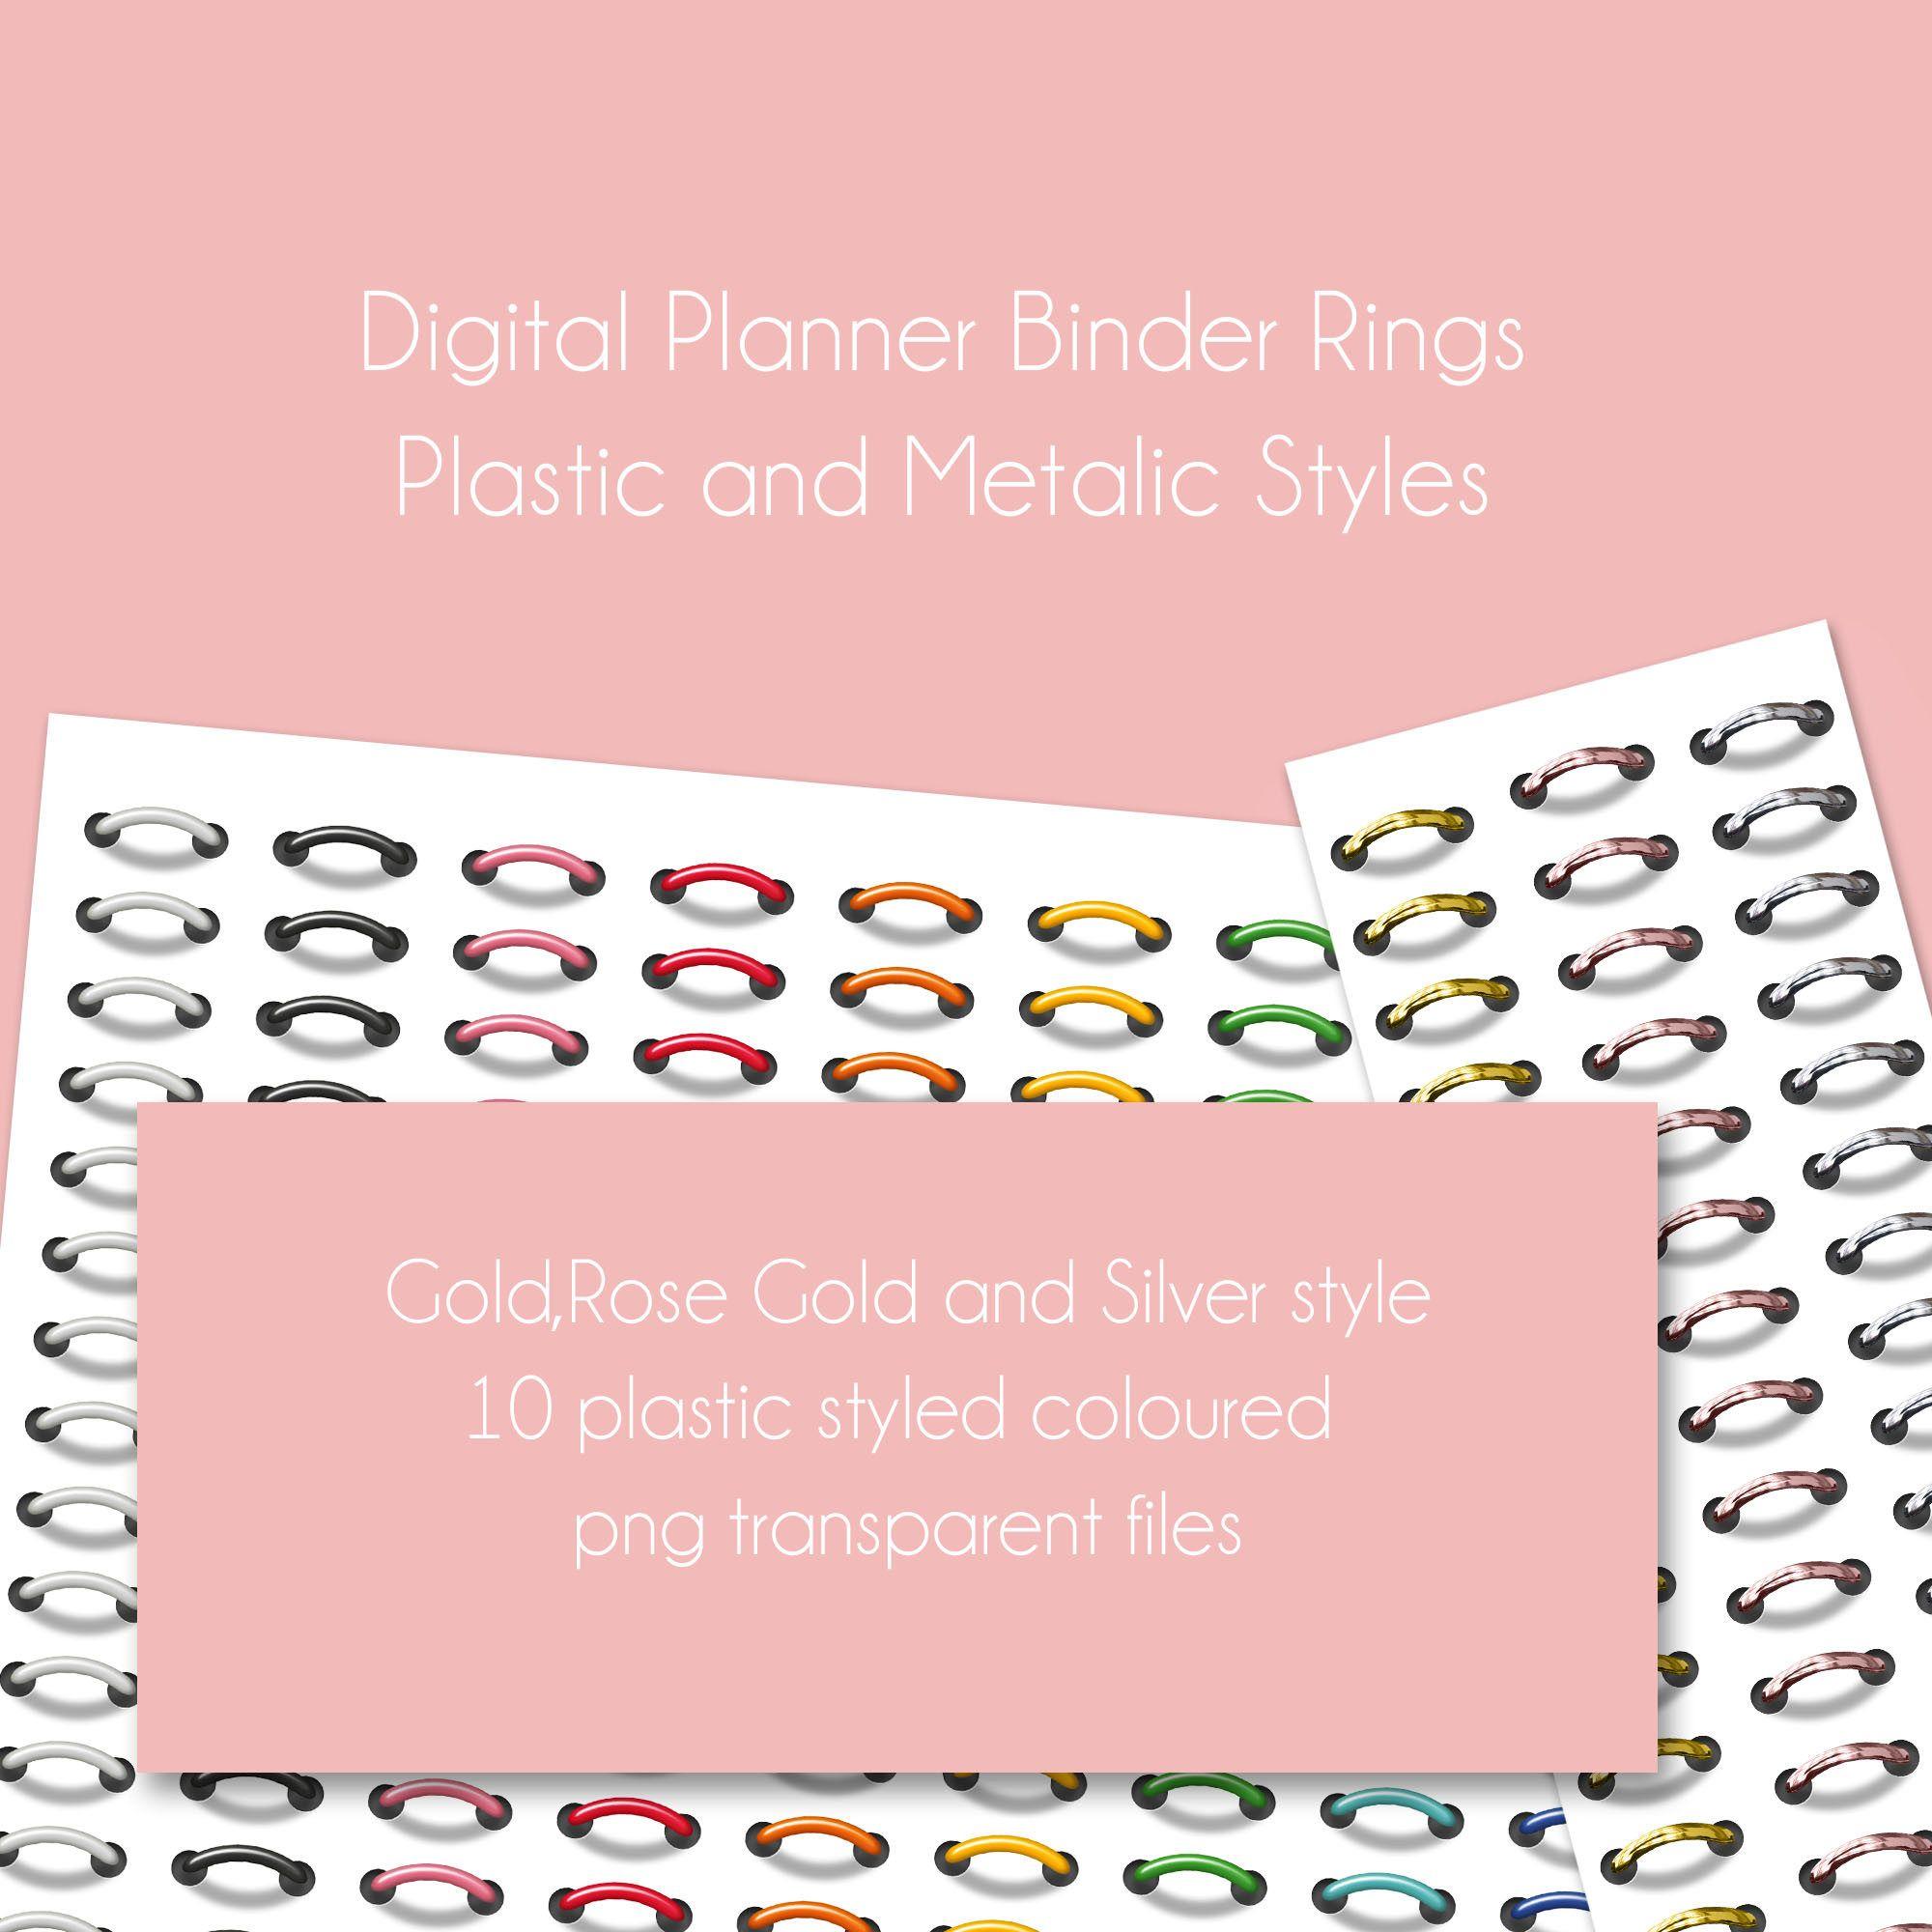 Digital Binder Rings, Digital Planner, Goodnotes, IOS, Ipad, png.